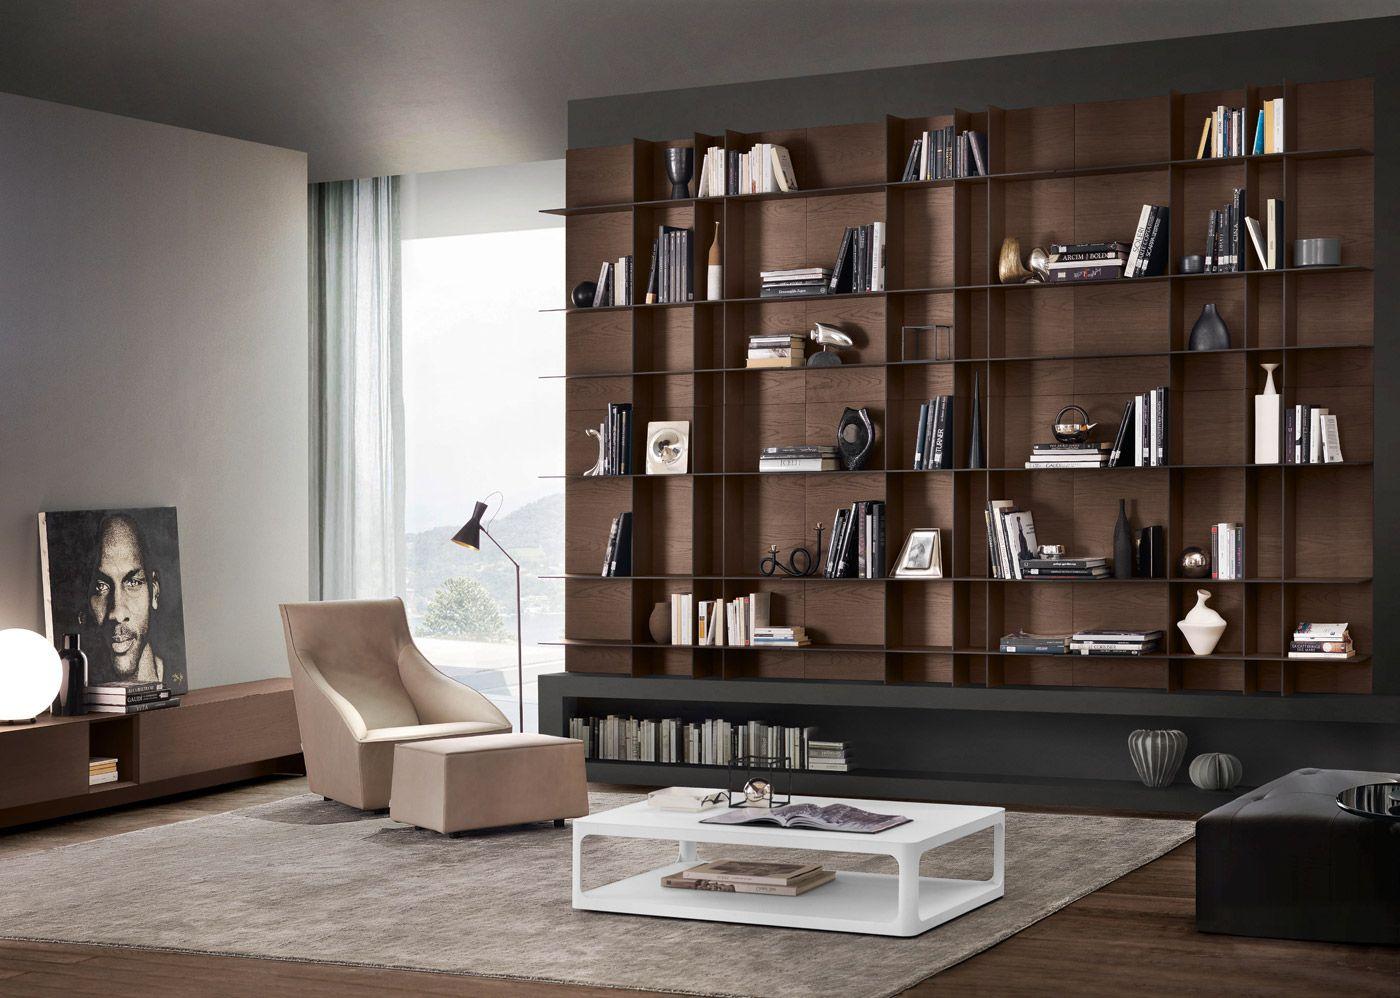 librerias-a-medida